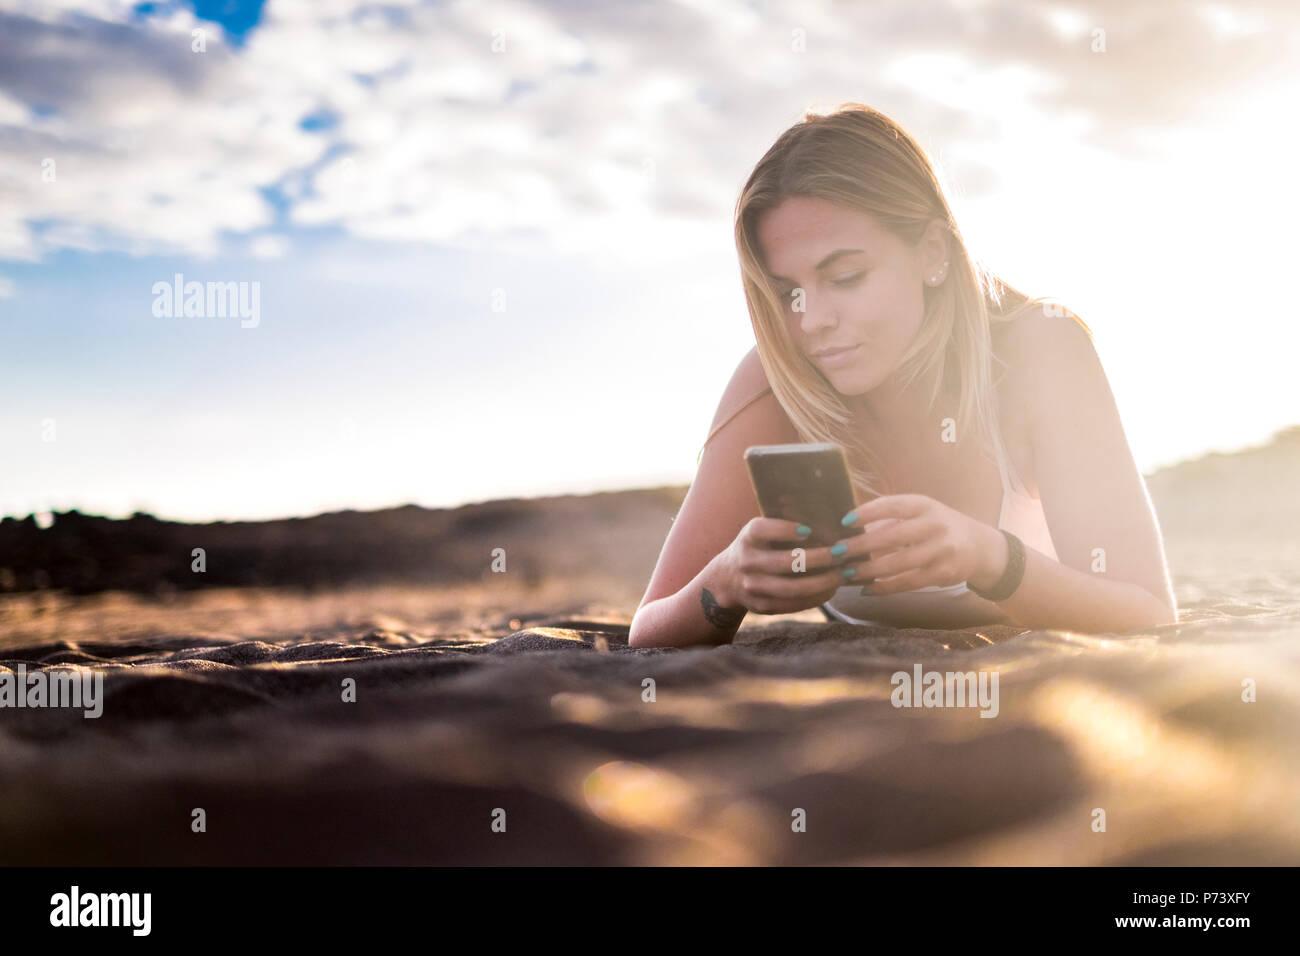 Junge hübsche blonde Frau lag unten am Strand im Urlaub und Lifestyle Freizeit Aktivität mit einem Smartphone zu Social Media und verwenden interne prüfen Stockbild